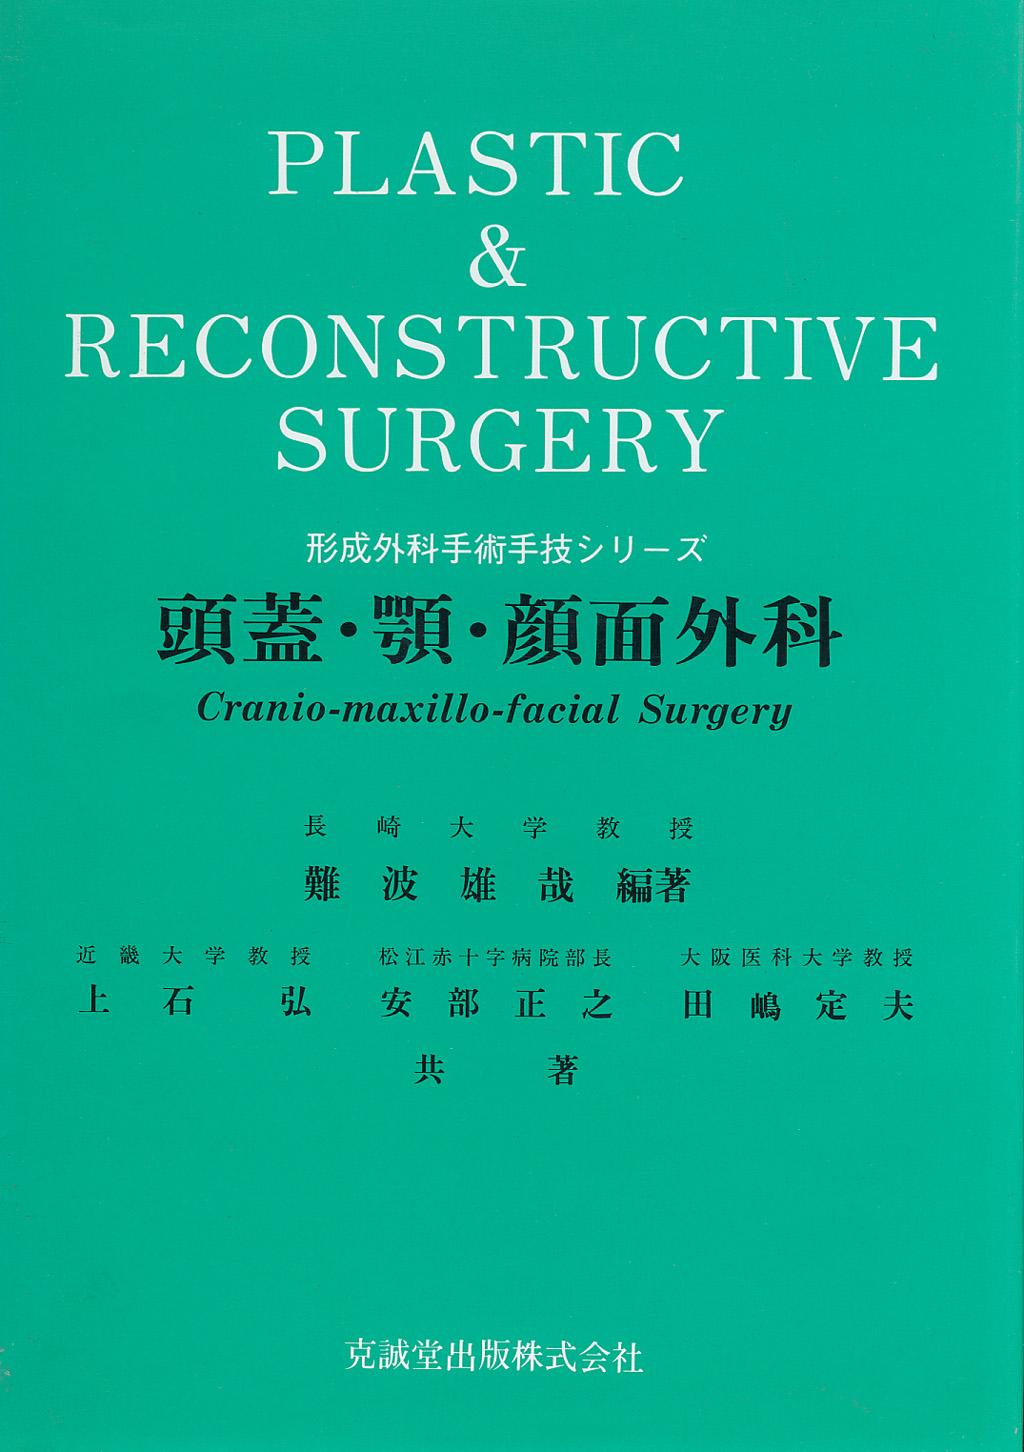 頭蓋・顎・顔面外科